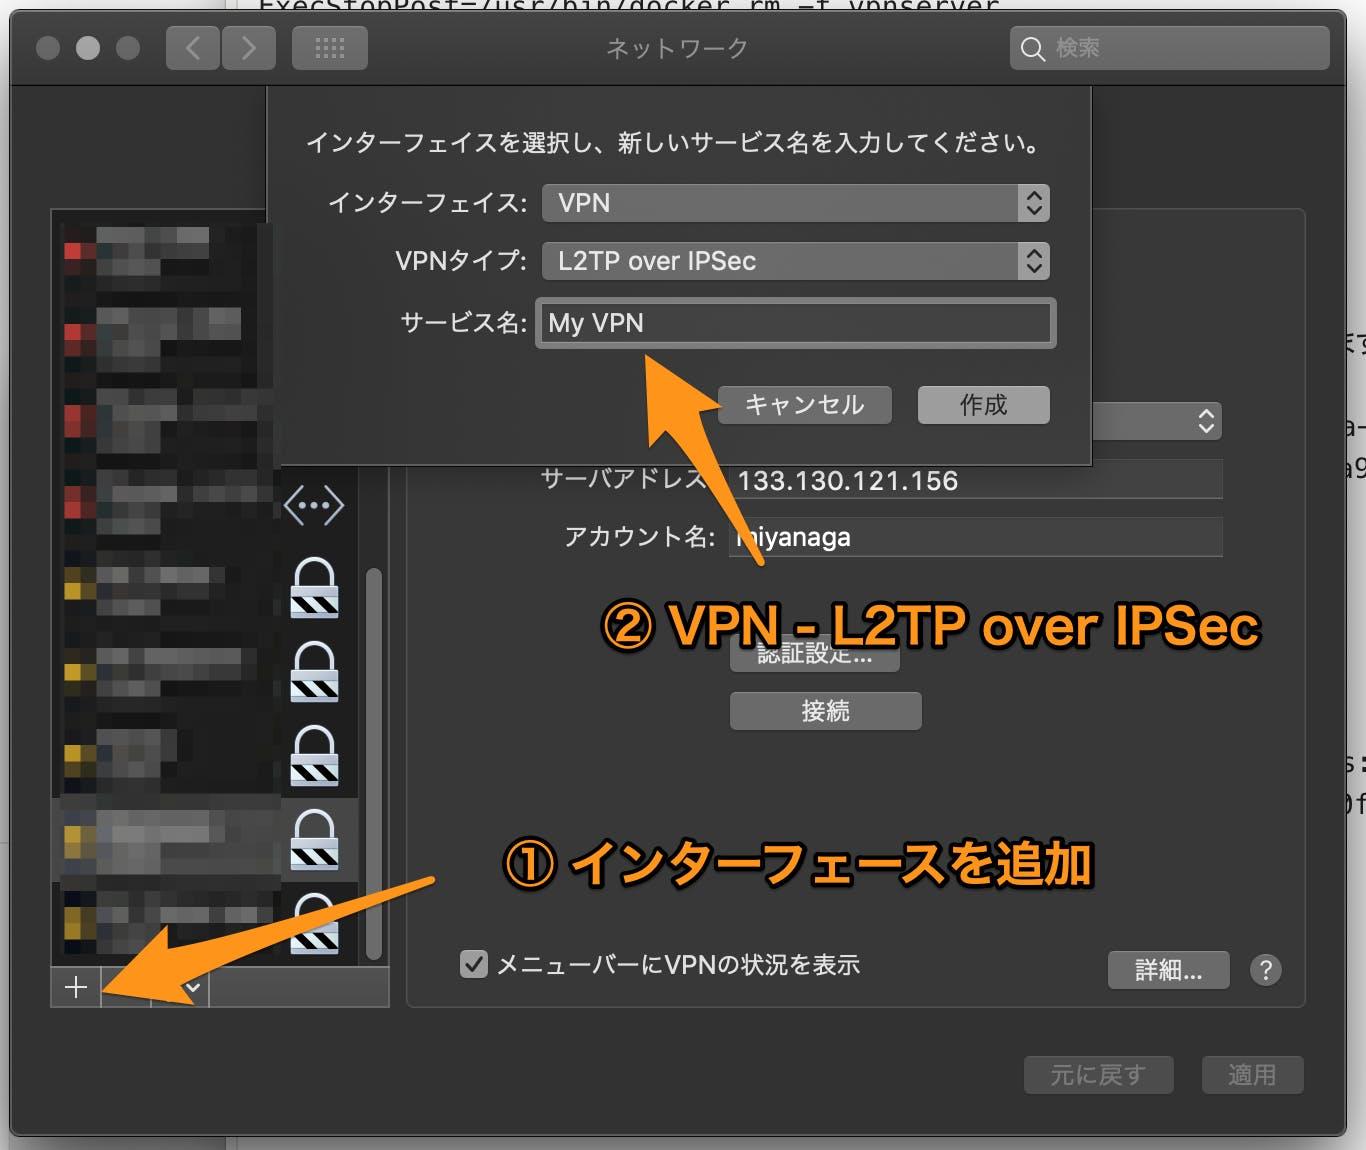 ネットワーク_と_「最速3分でスタート_ConoHaで高速VPNサーバー構築_月額630円」を編集_-_Qiita_と_コンテナの自動起動_—_Docker-docs-ja_1_12_RC2_ドキュメント.png